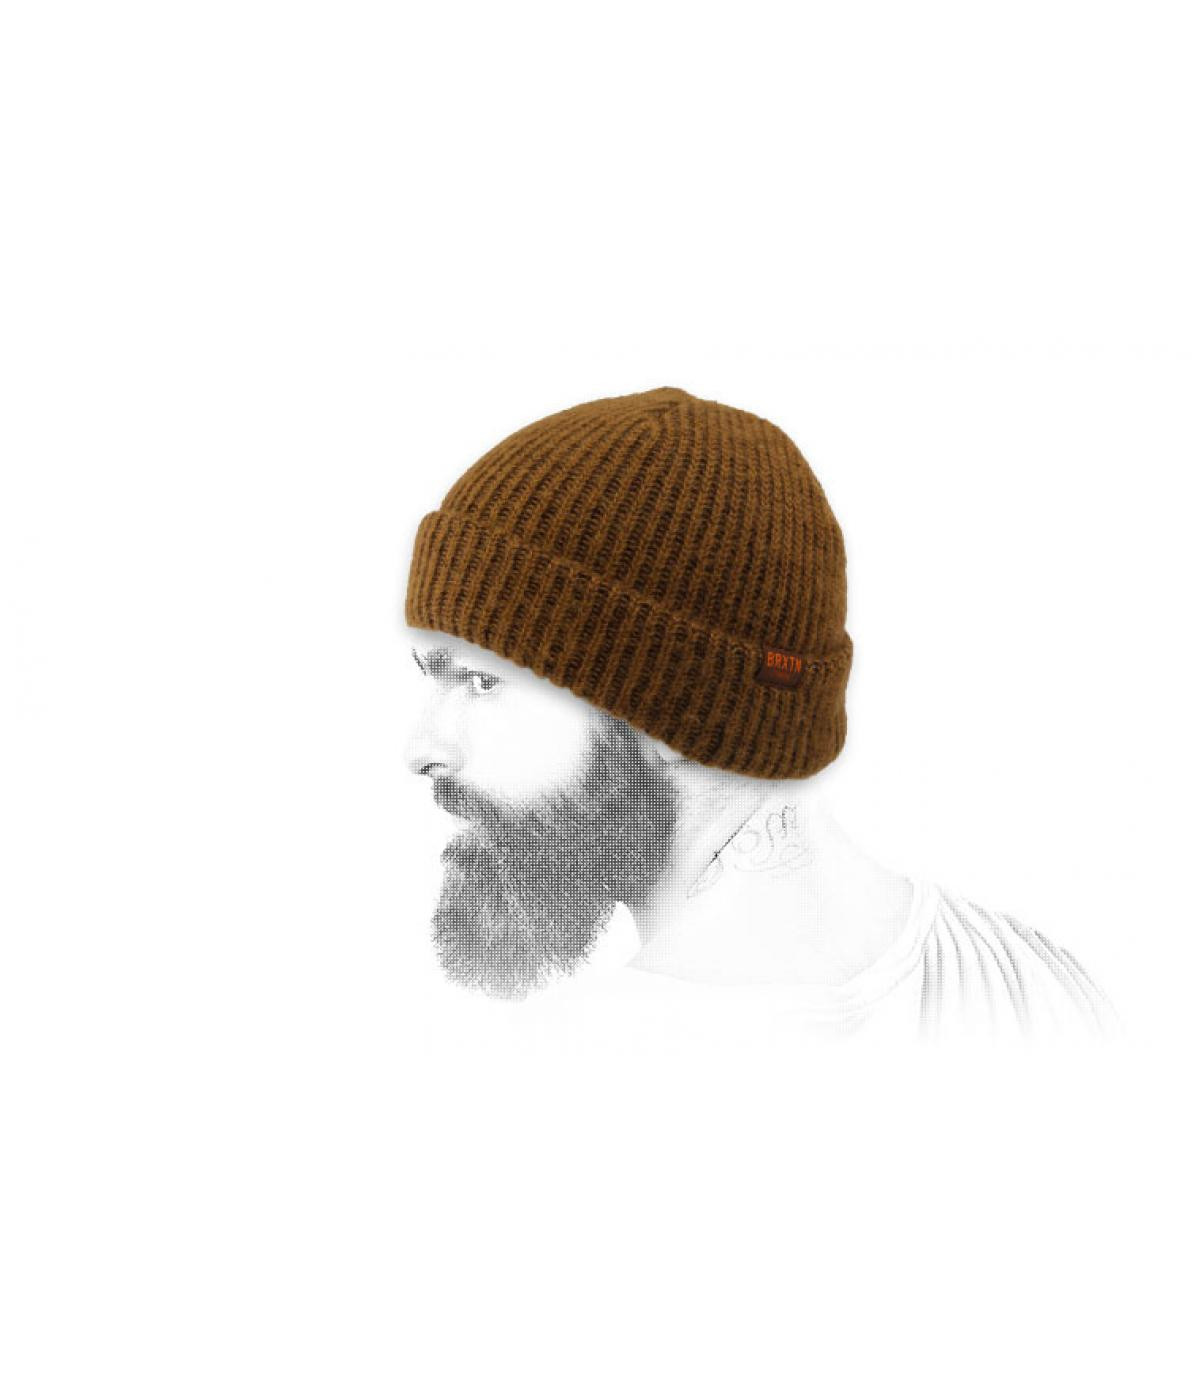 Mütze braun Brixton